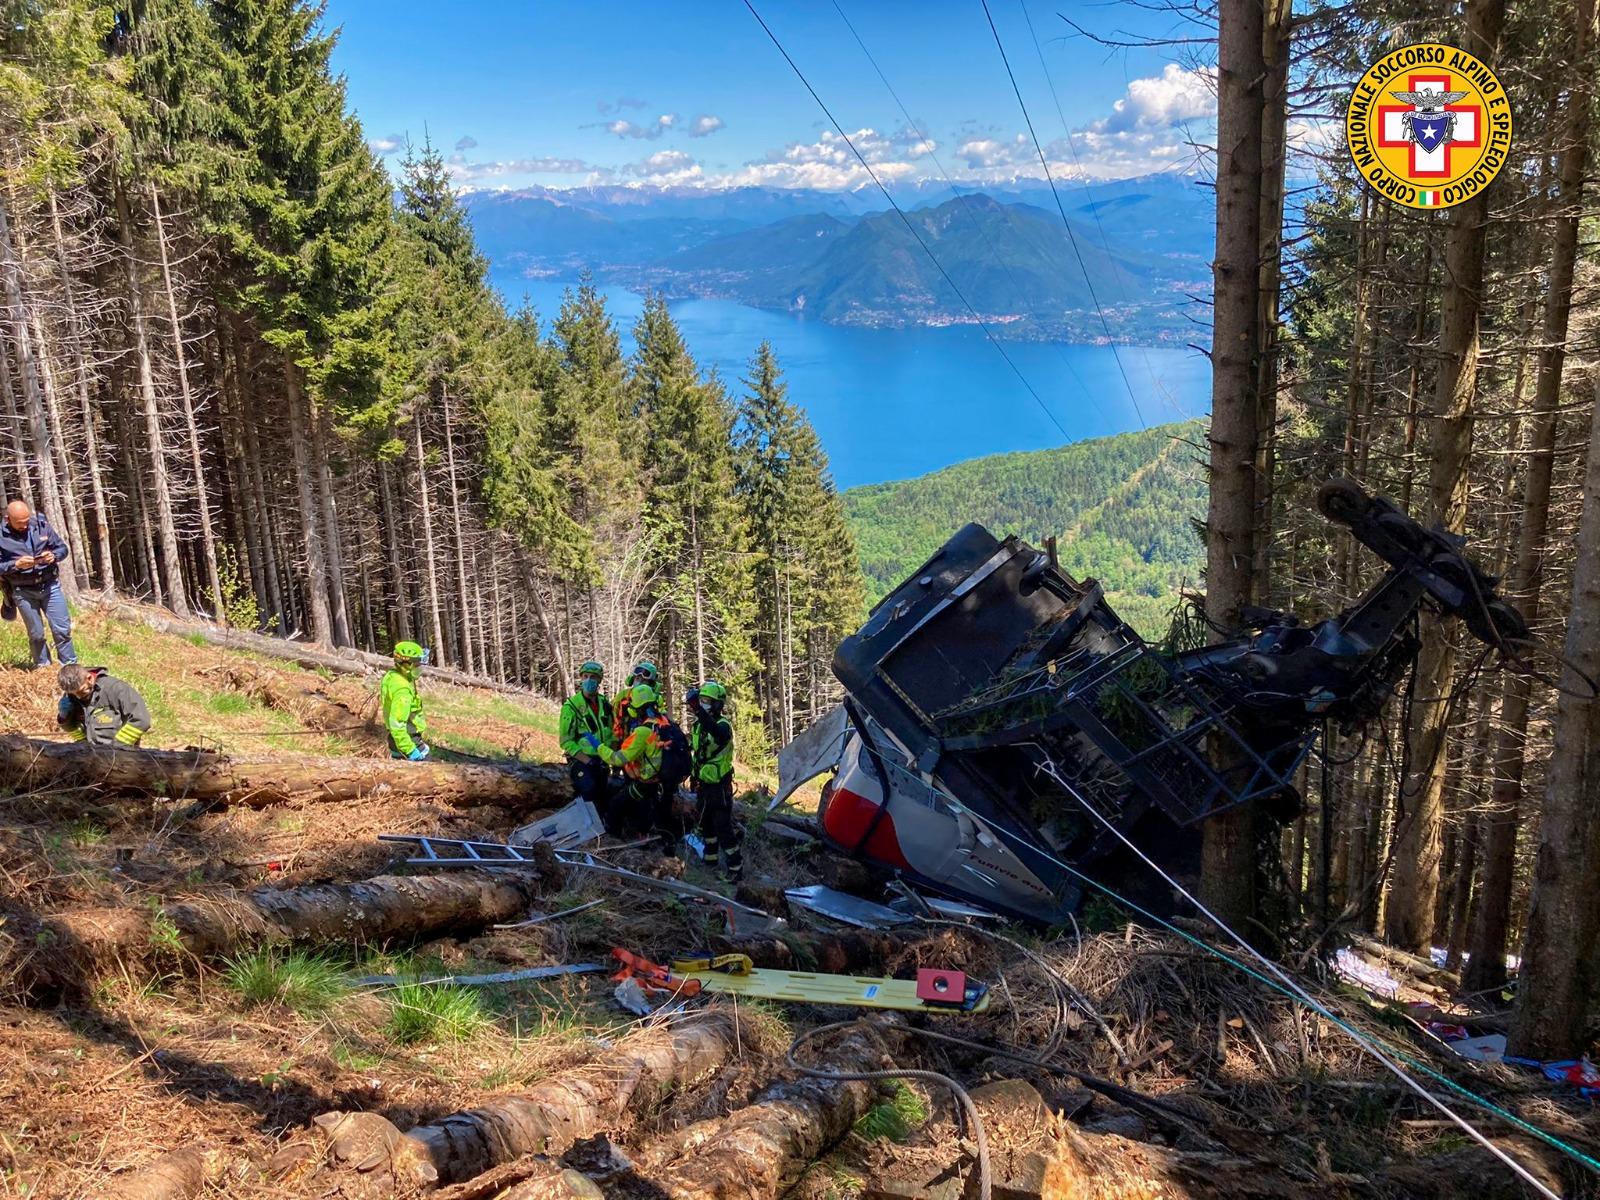 Incidente funivia Stresa-Mottarone: precipita cabina, 13 morti e 3 feriti. Gravi due bambini